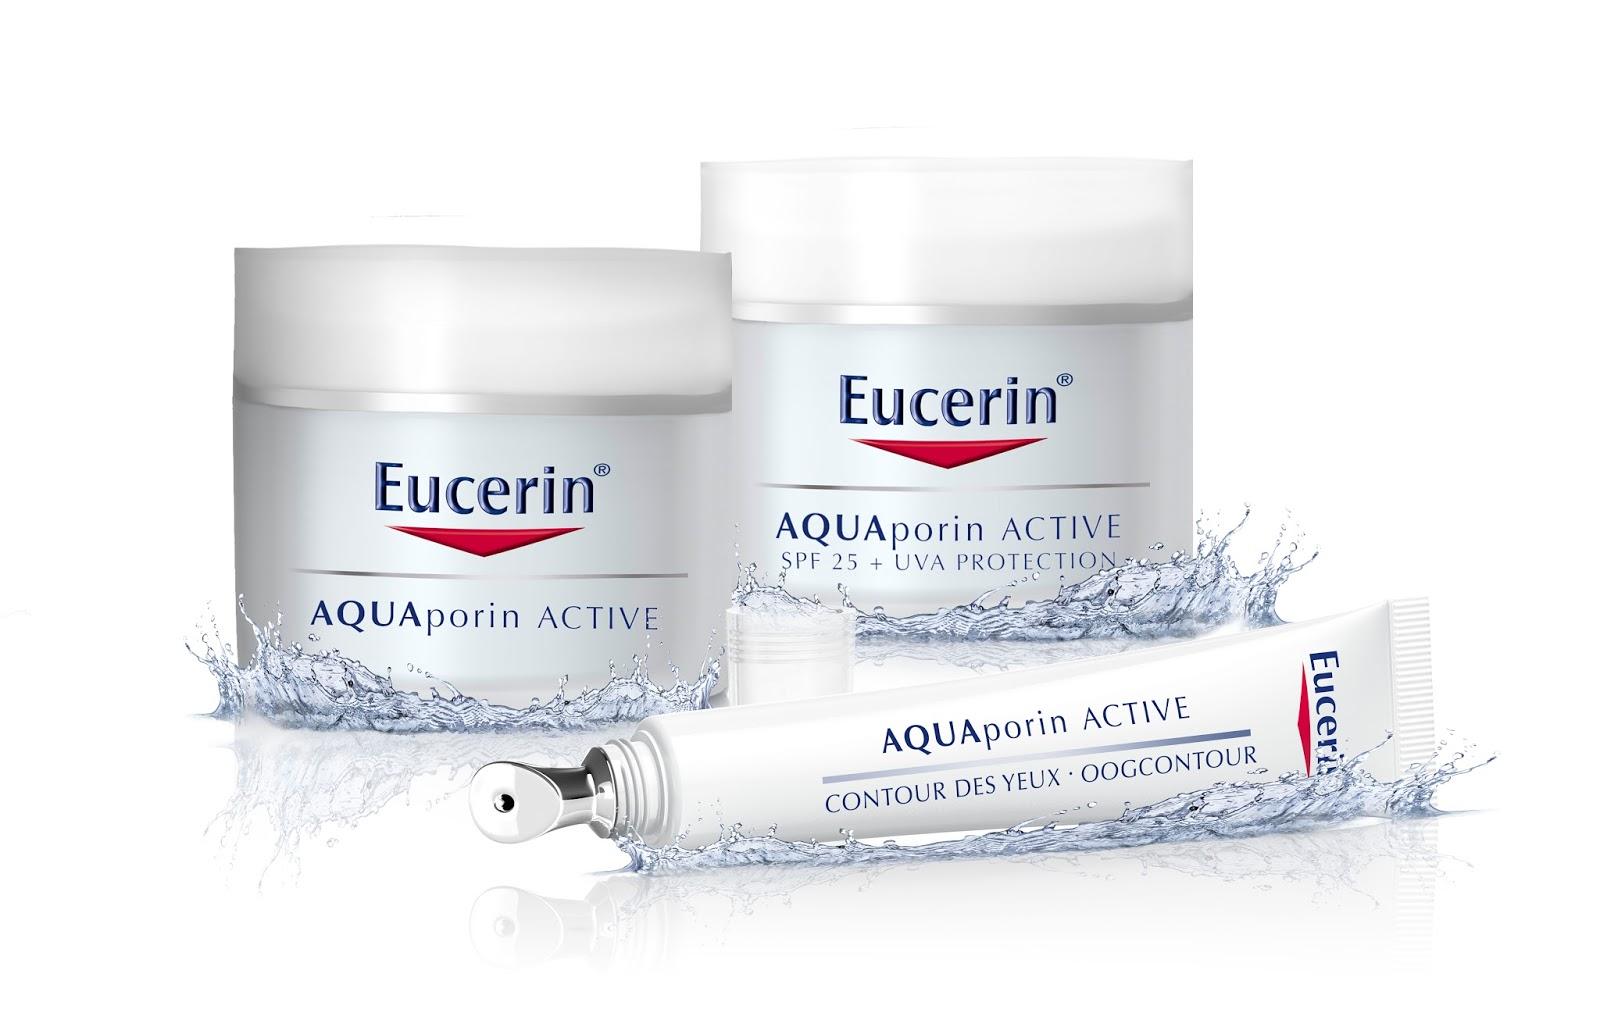 Ces doux moments: A la découverte de la gamme Aquaporin